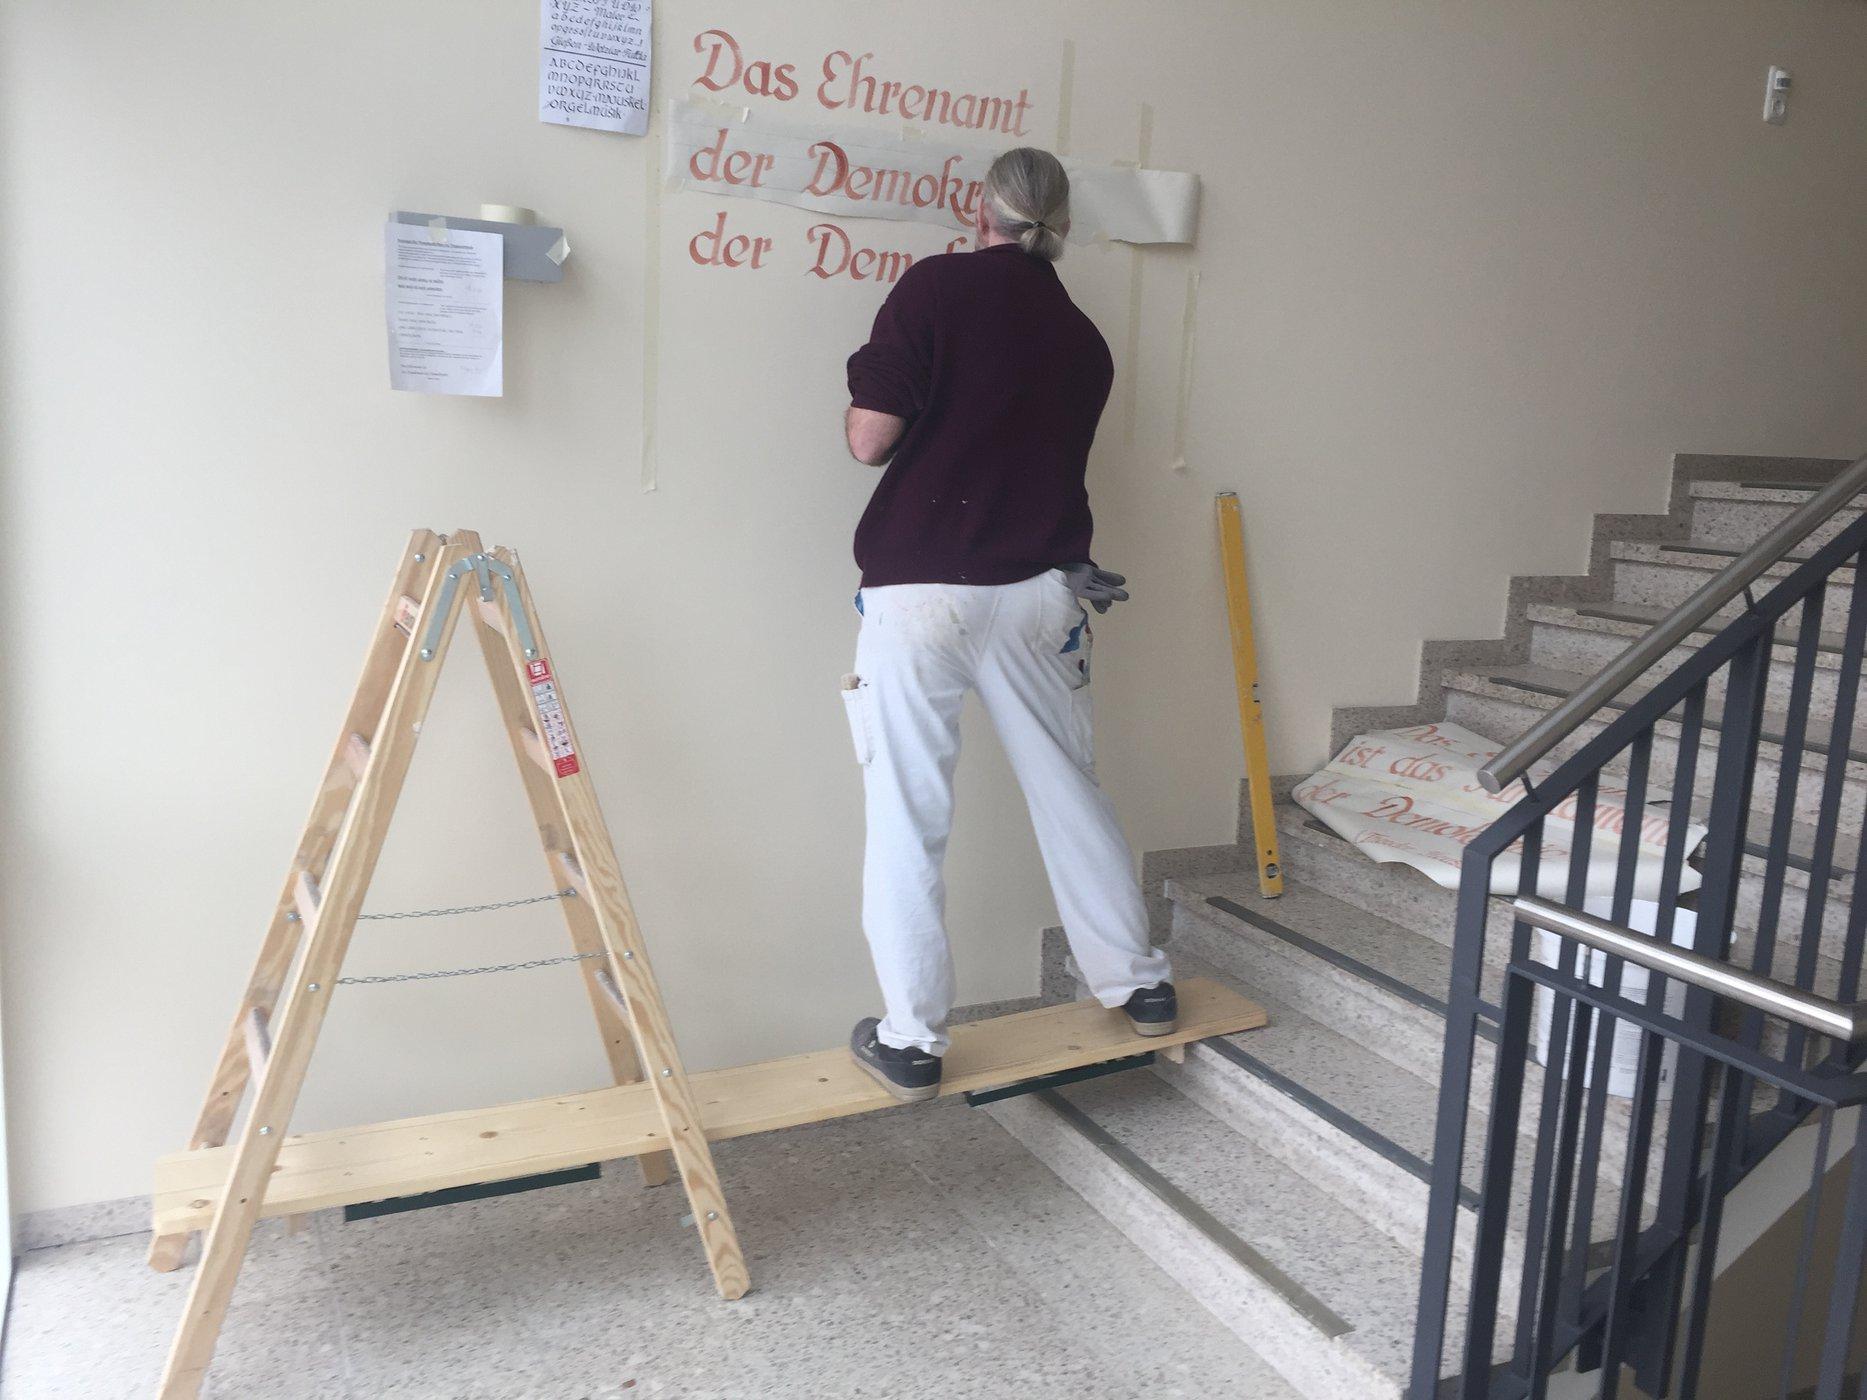 Treppenhausgestaltung im Rahmen einer Lehrlingsbaustelle - Malerportal